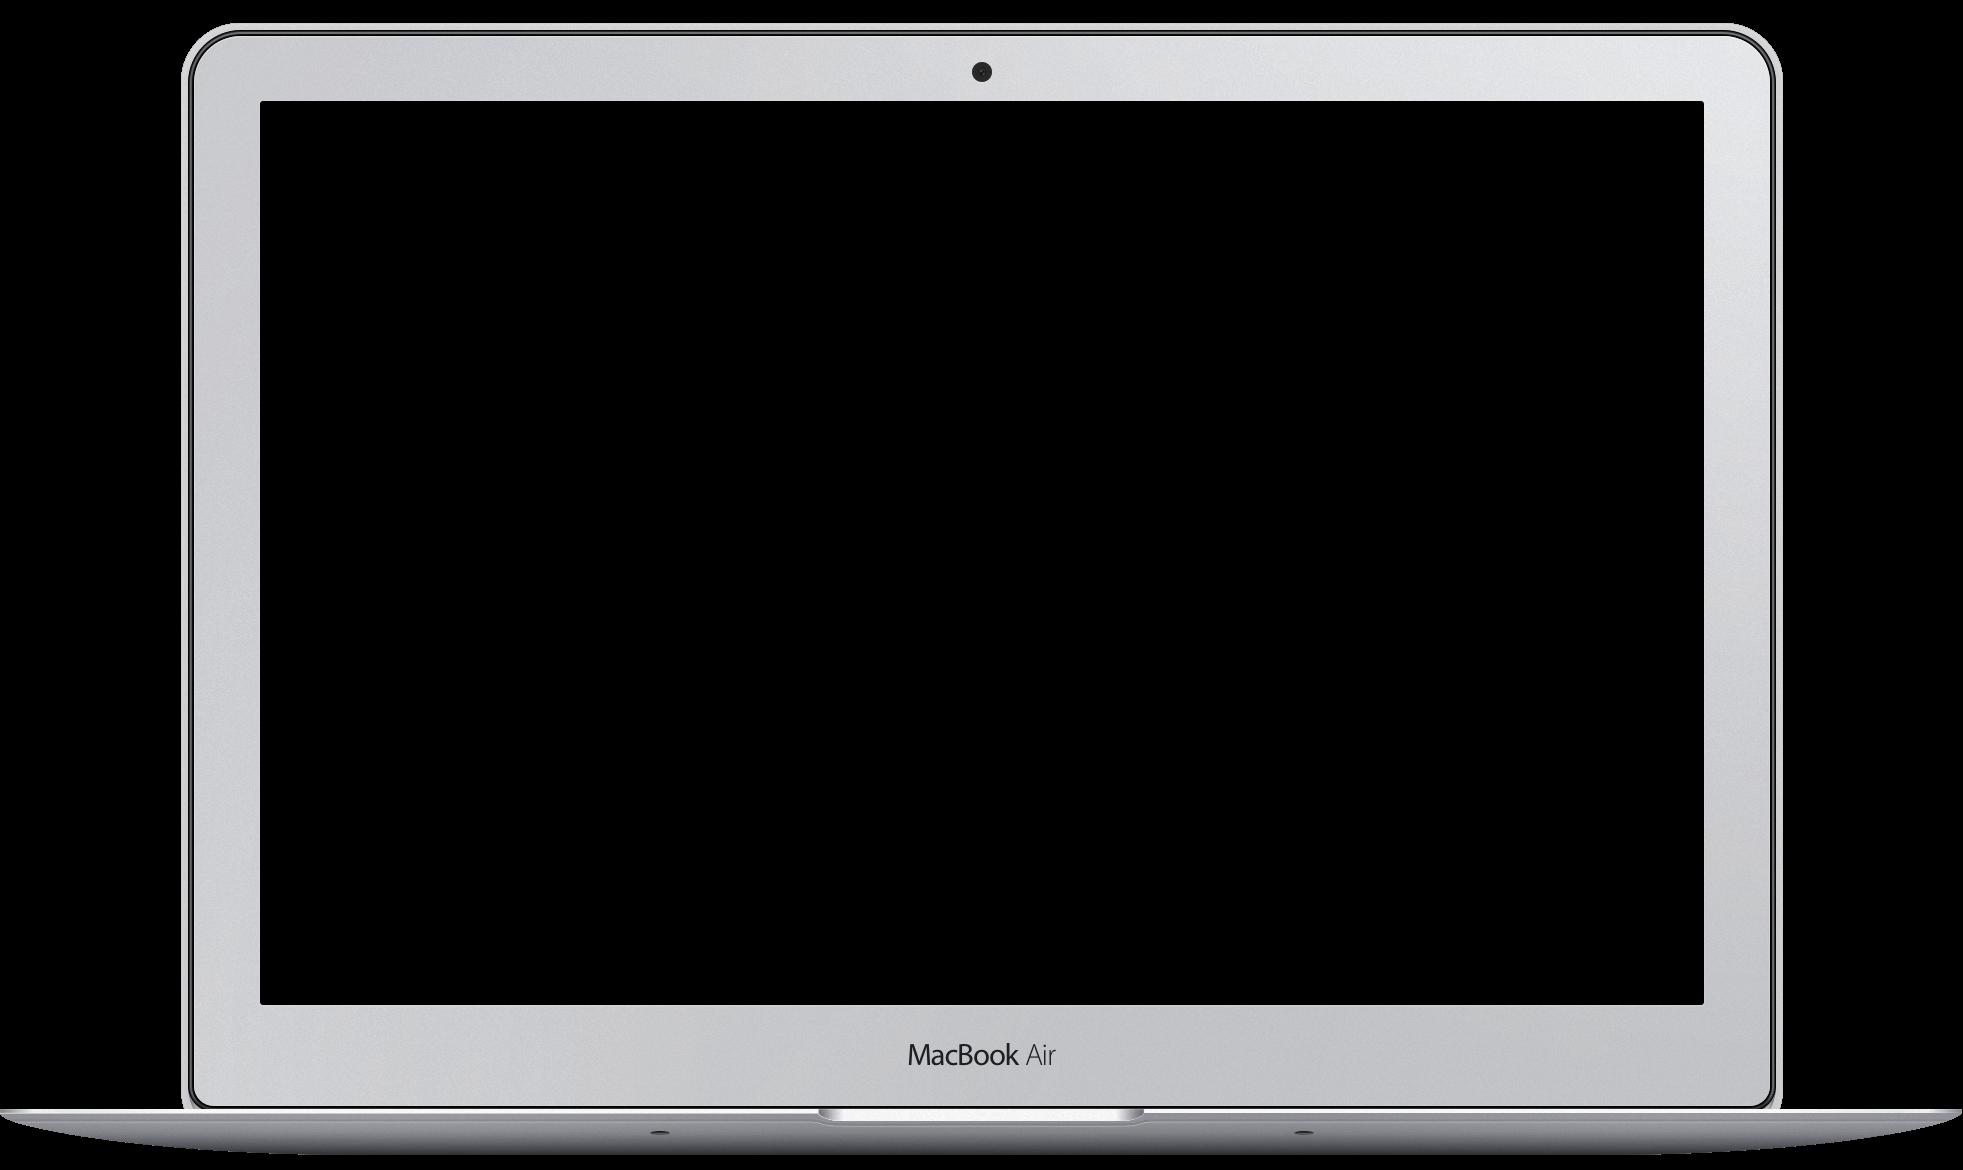 macbook air display ile ilgili görsel sonucu